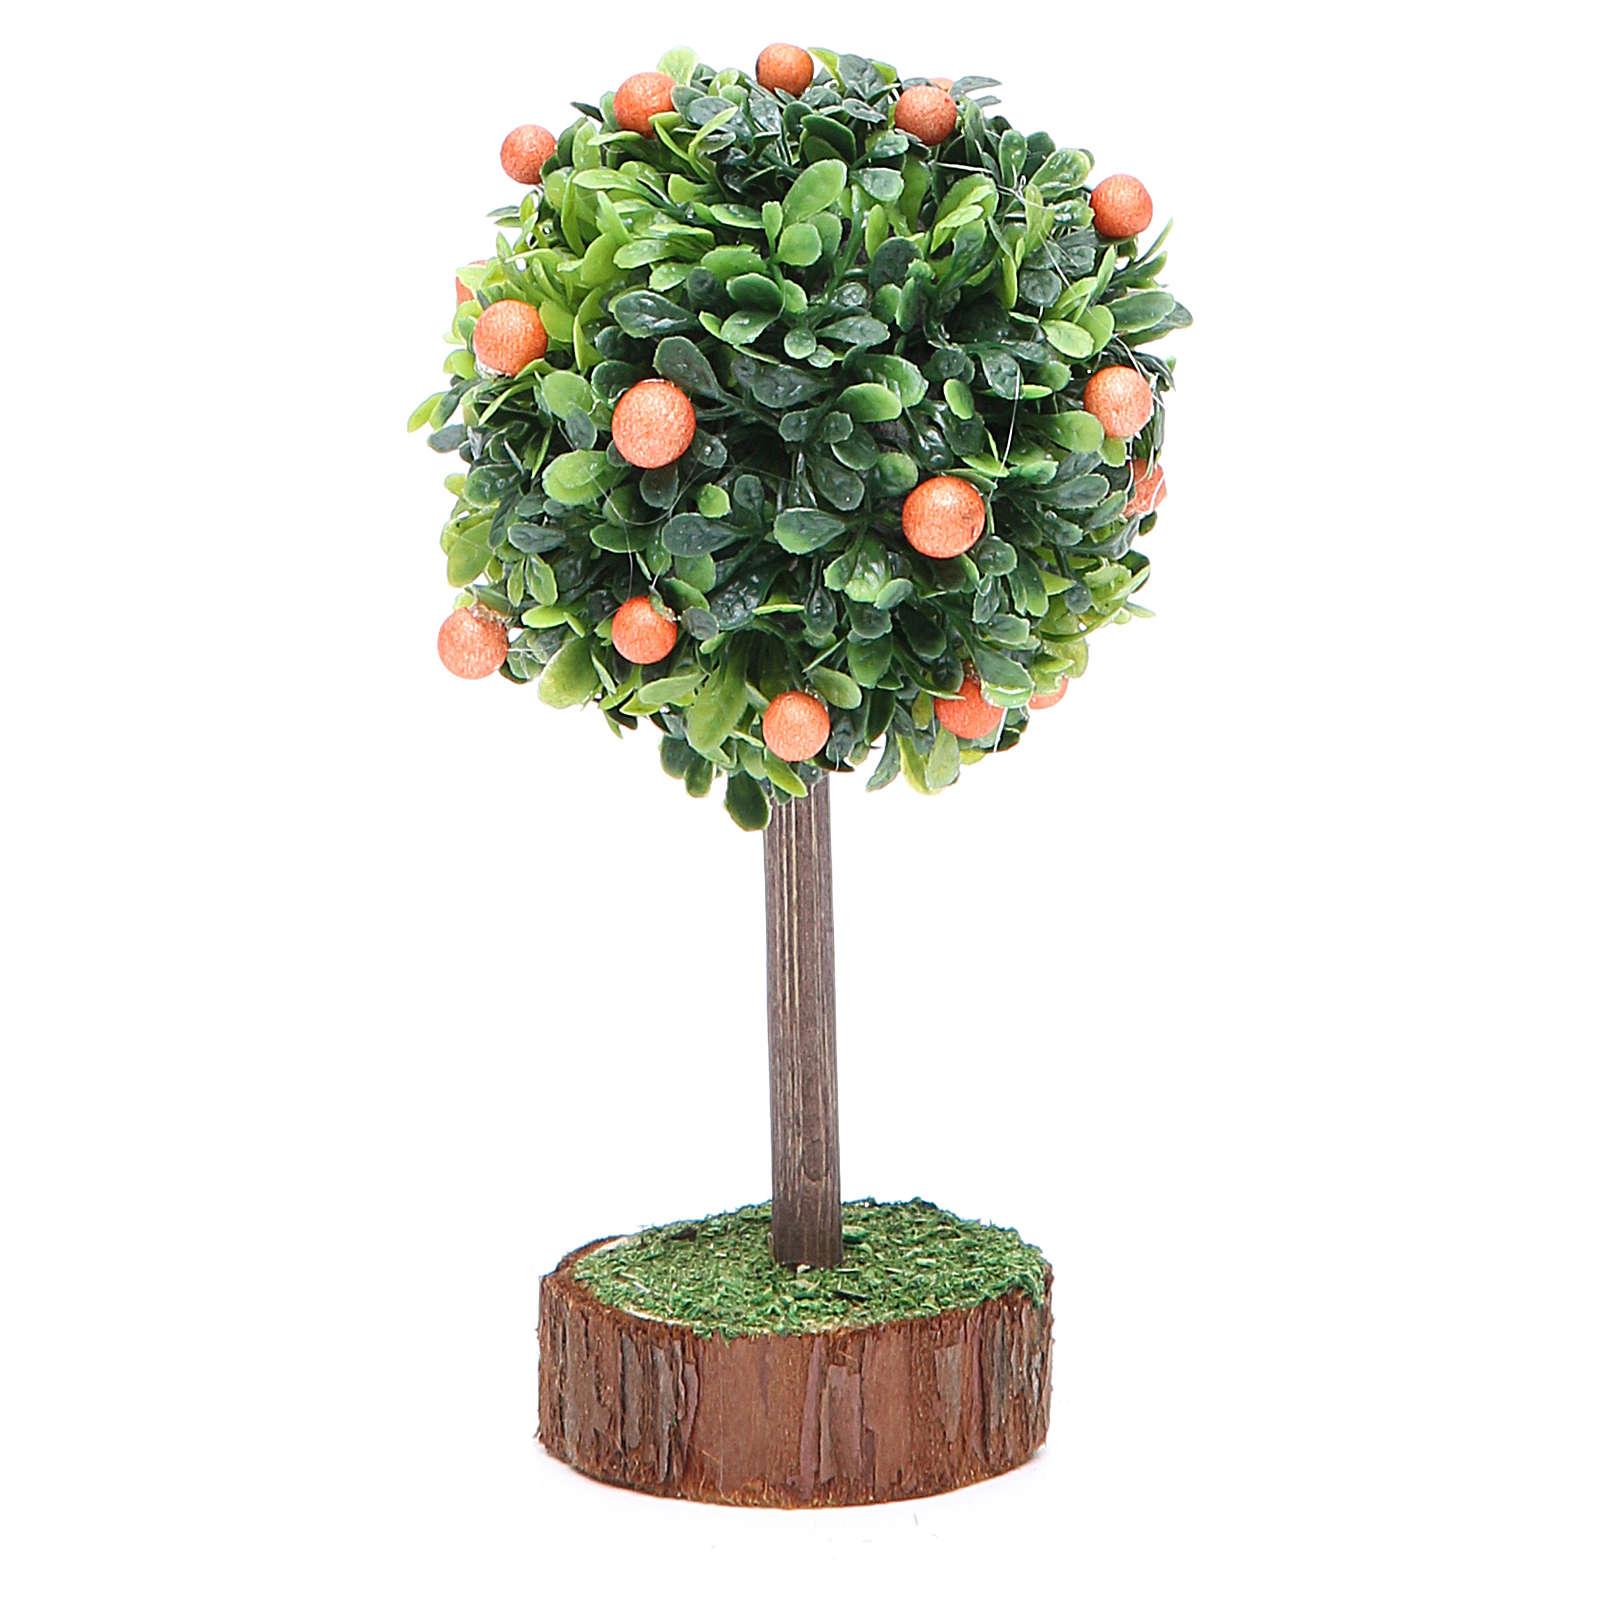 Albero di Arancio per presepe in legno e resina 4